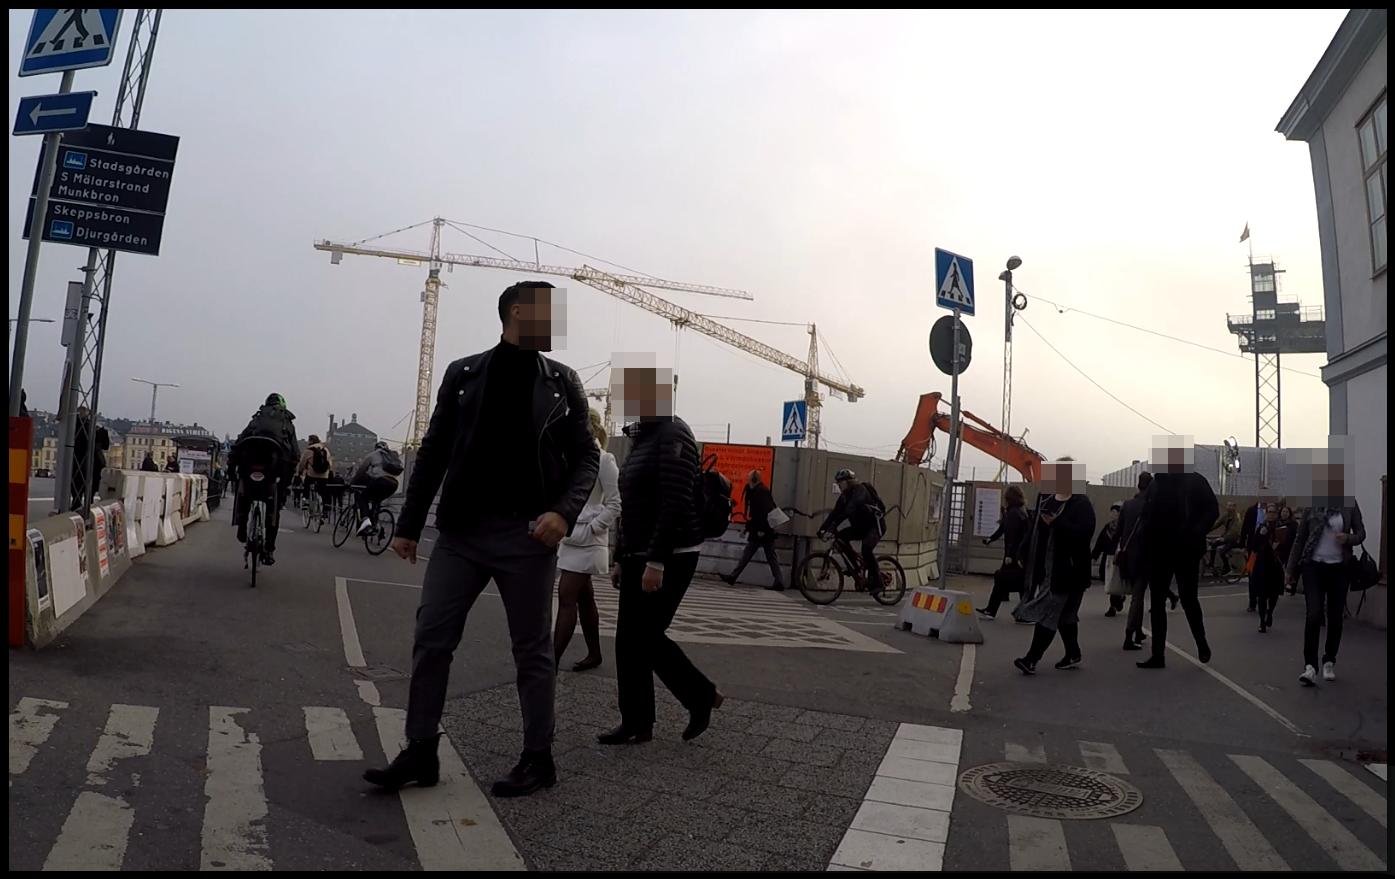 Alltså, cyklisterna vid Slussen...